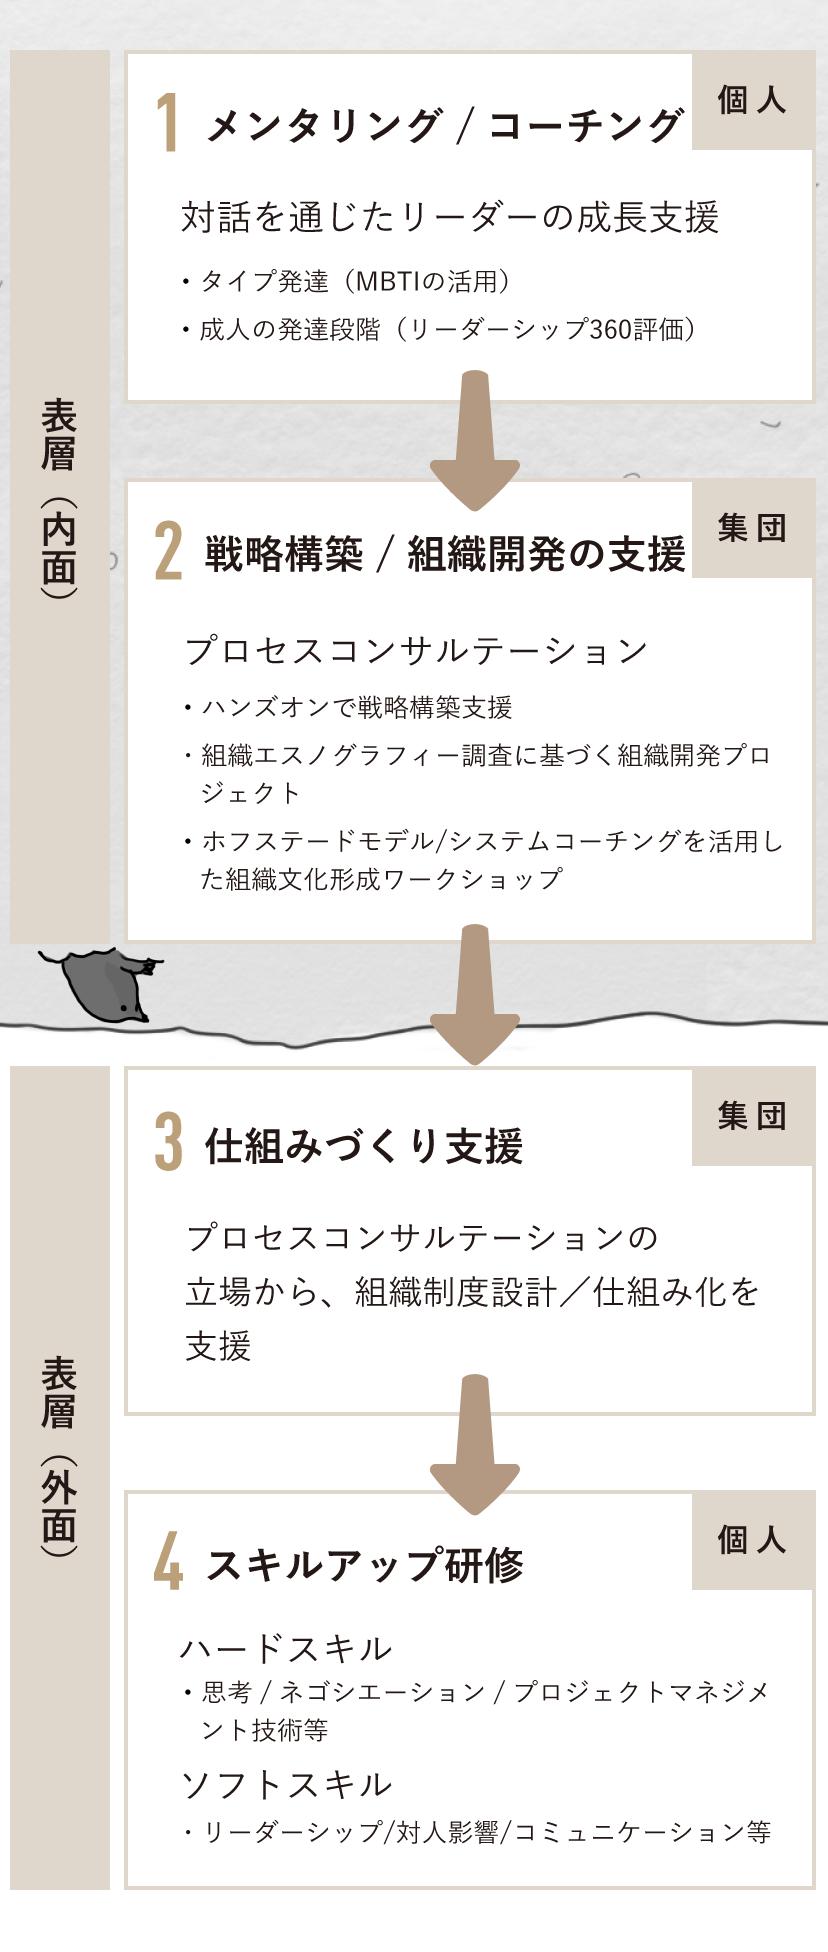 4つの象限